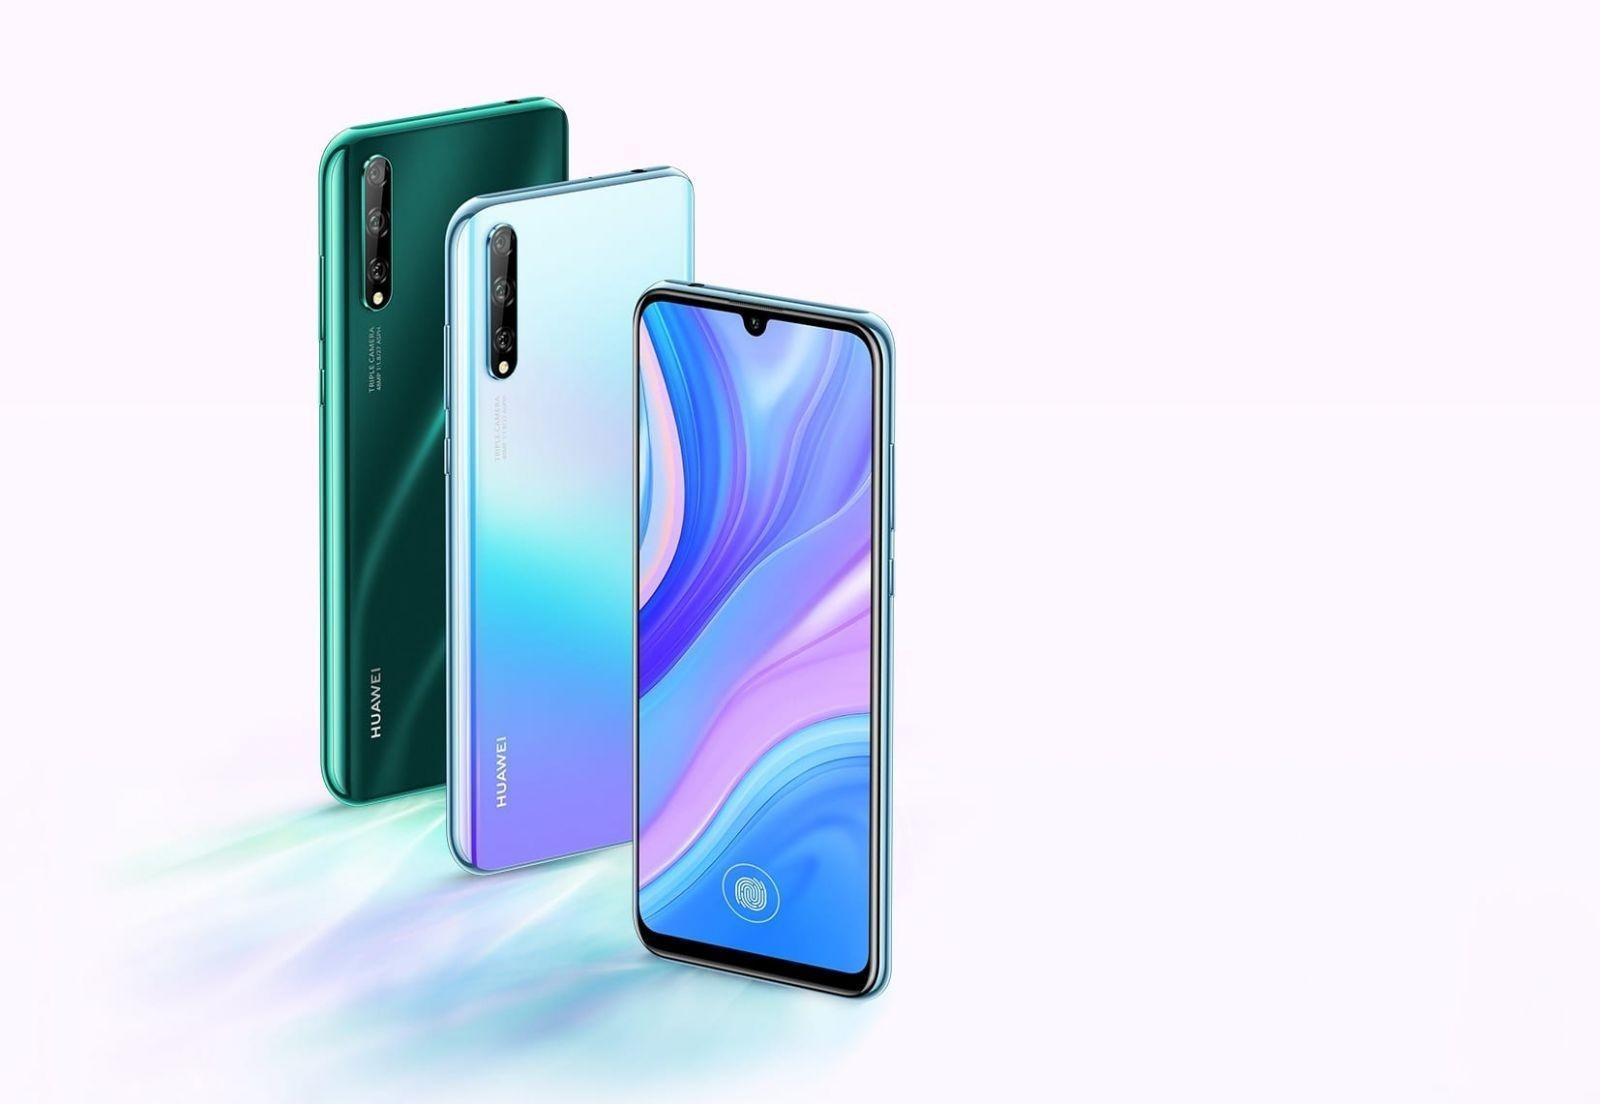 Huawei представила смартфон Huawei Enjoy 10s (2019 11 11 09 18 41)